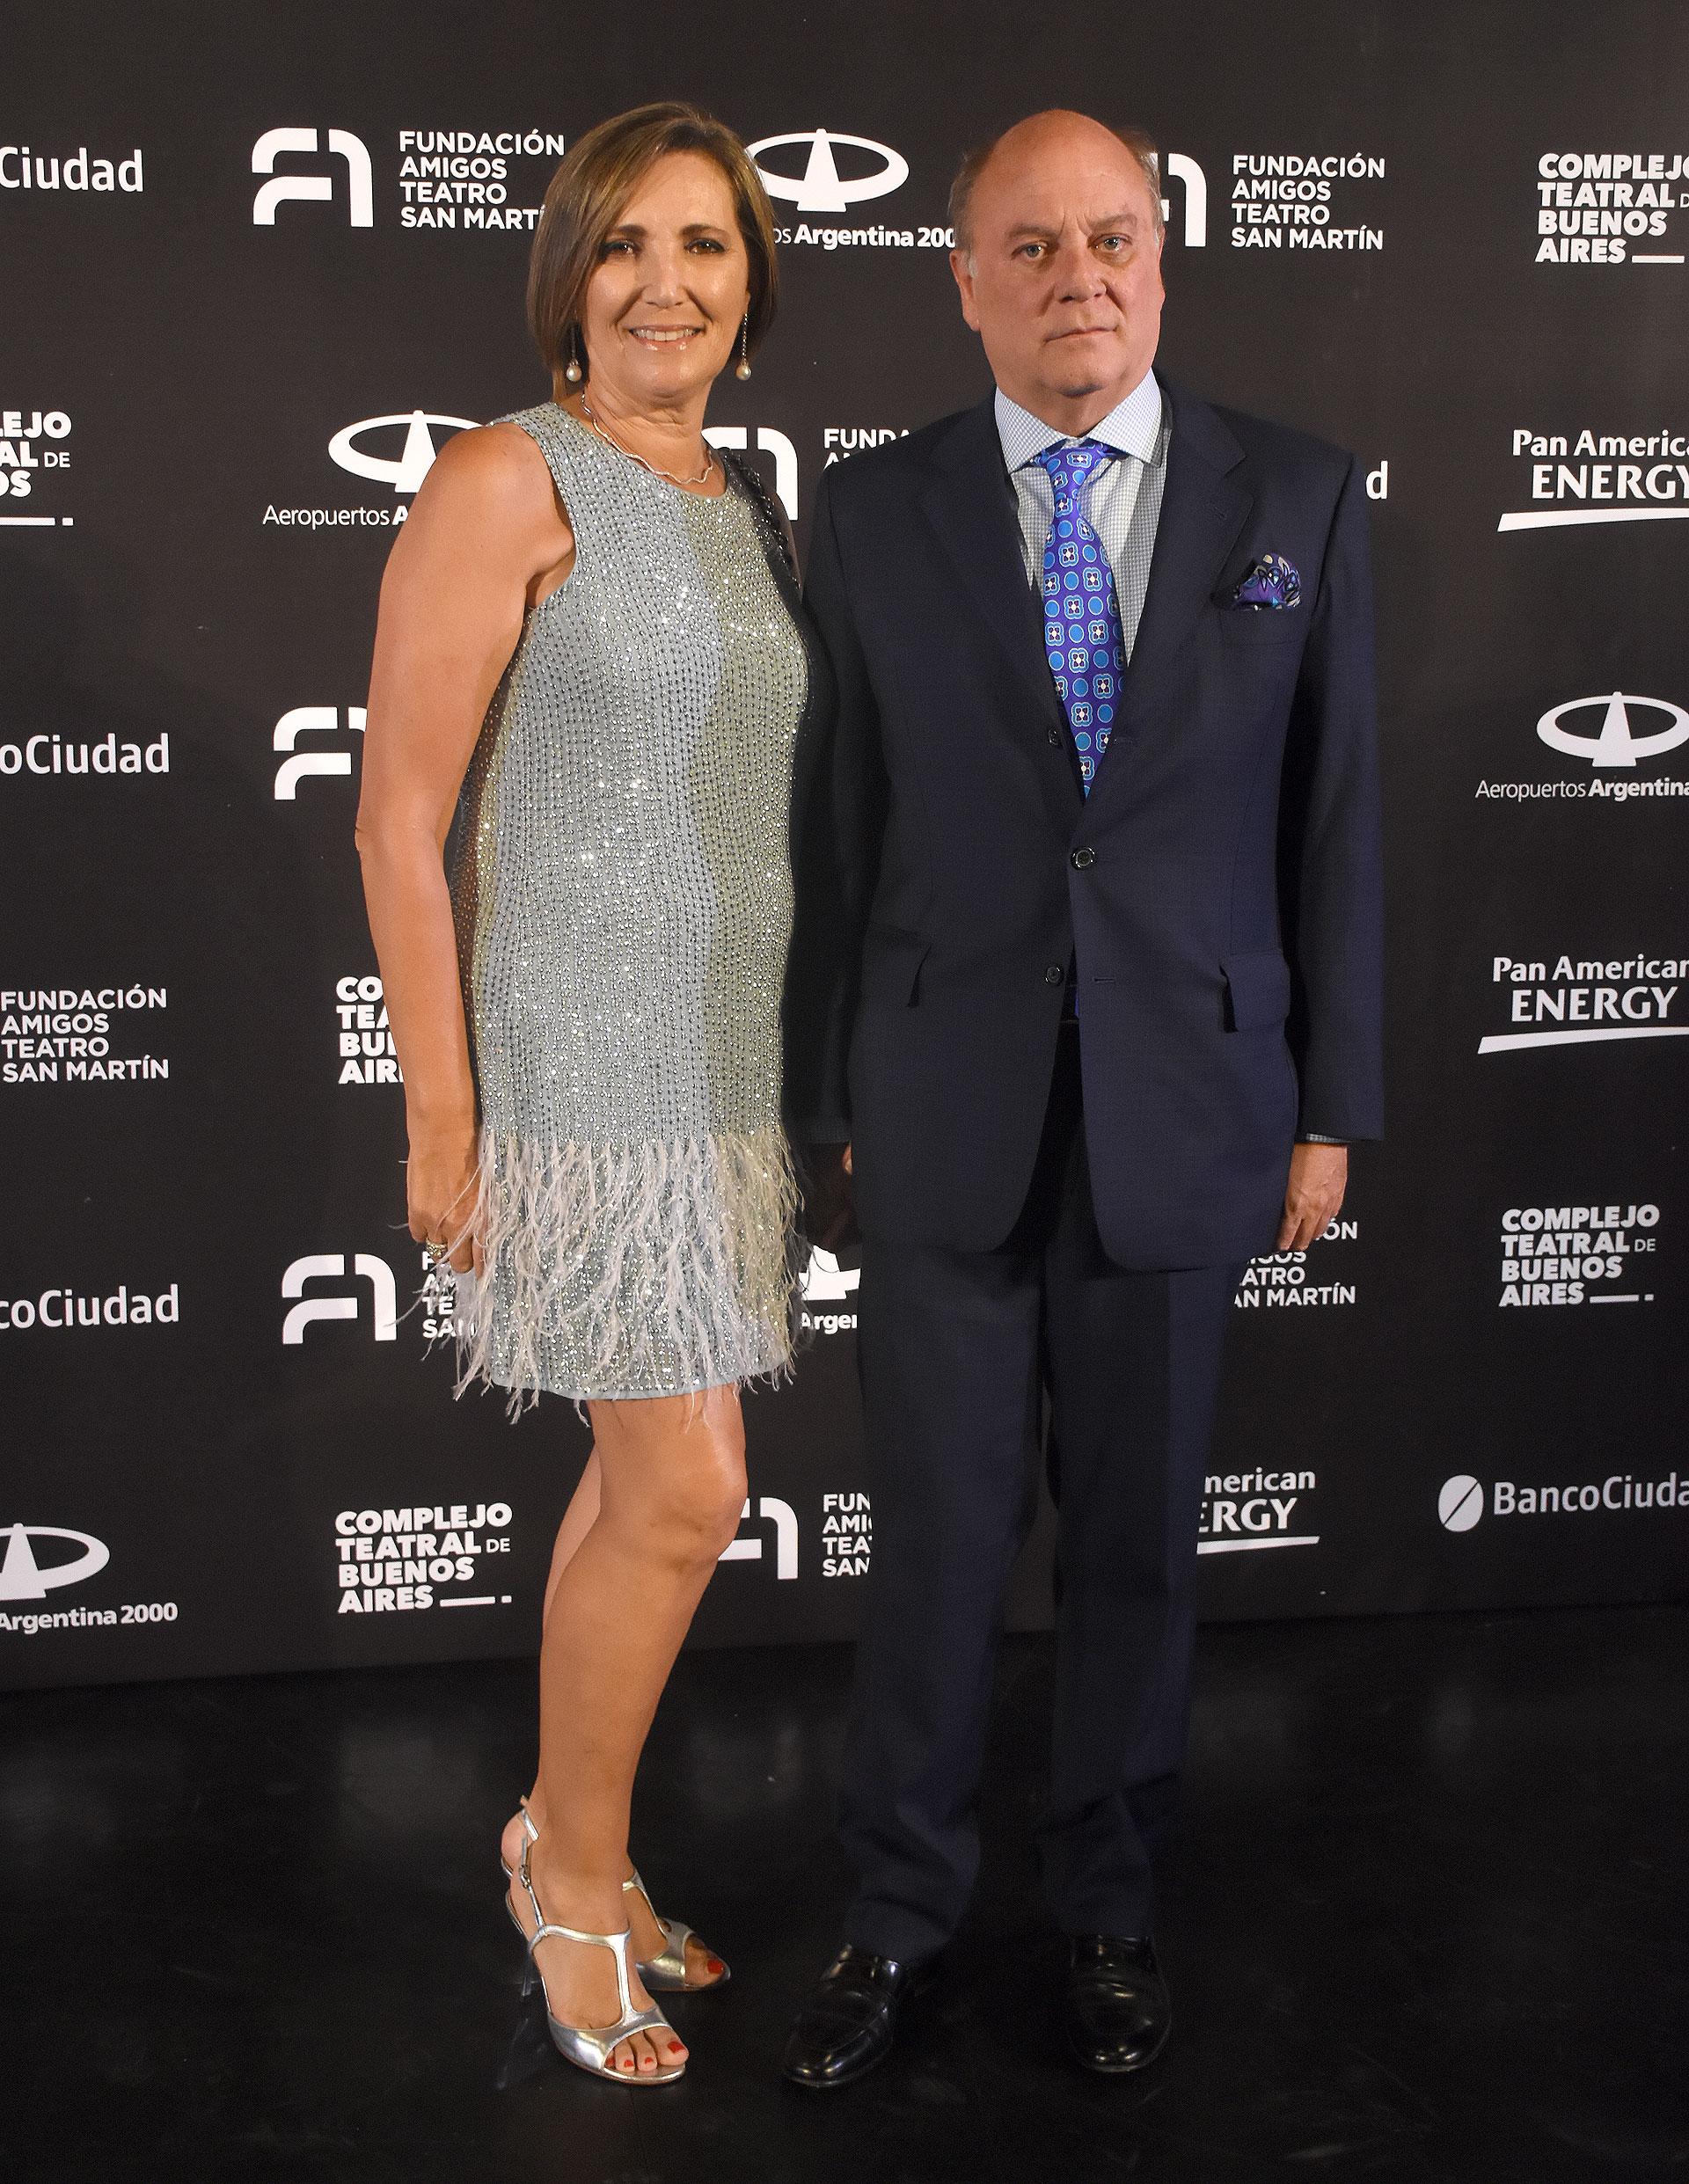 Martín Cabrales, vicepresidente de la Fundación Amigos del Teatro San Martín, y su pareja Dora Sánchez